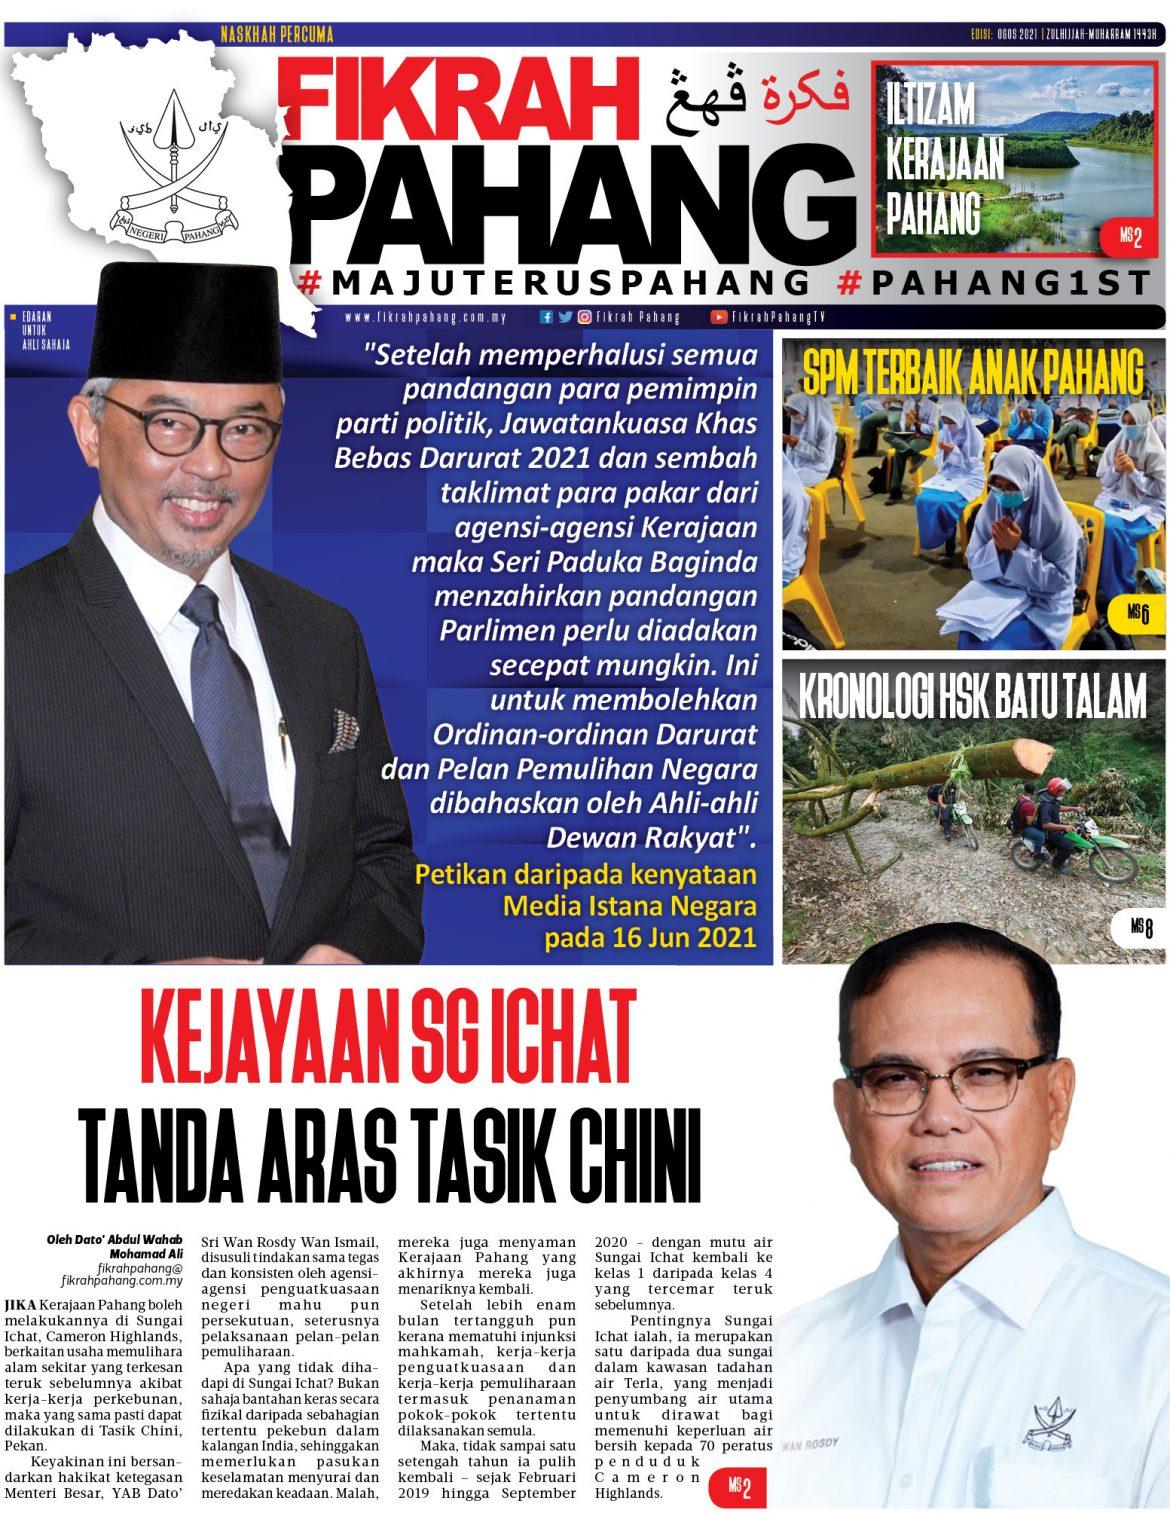 Akhbar Fikrah Pahang Julai 2021